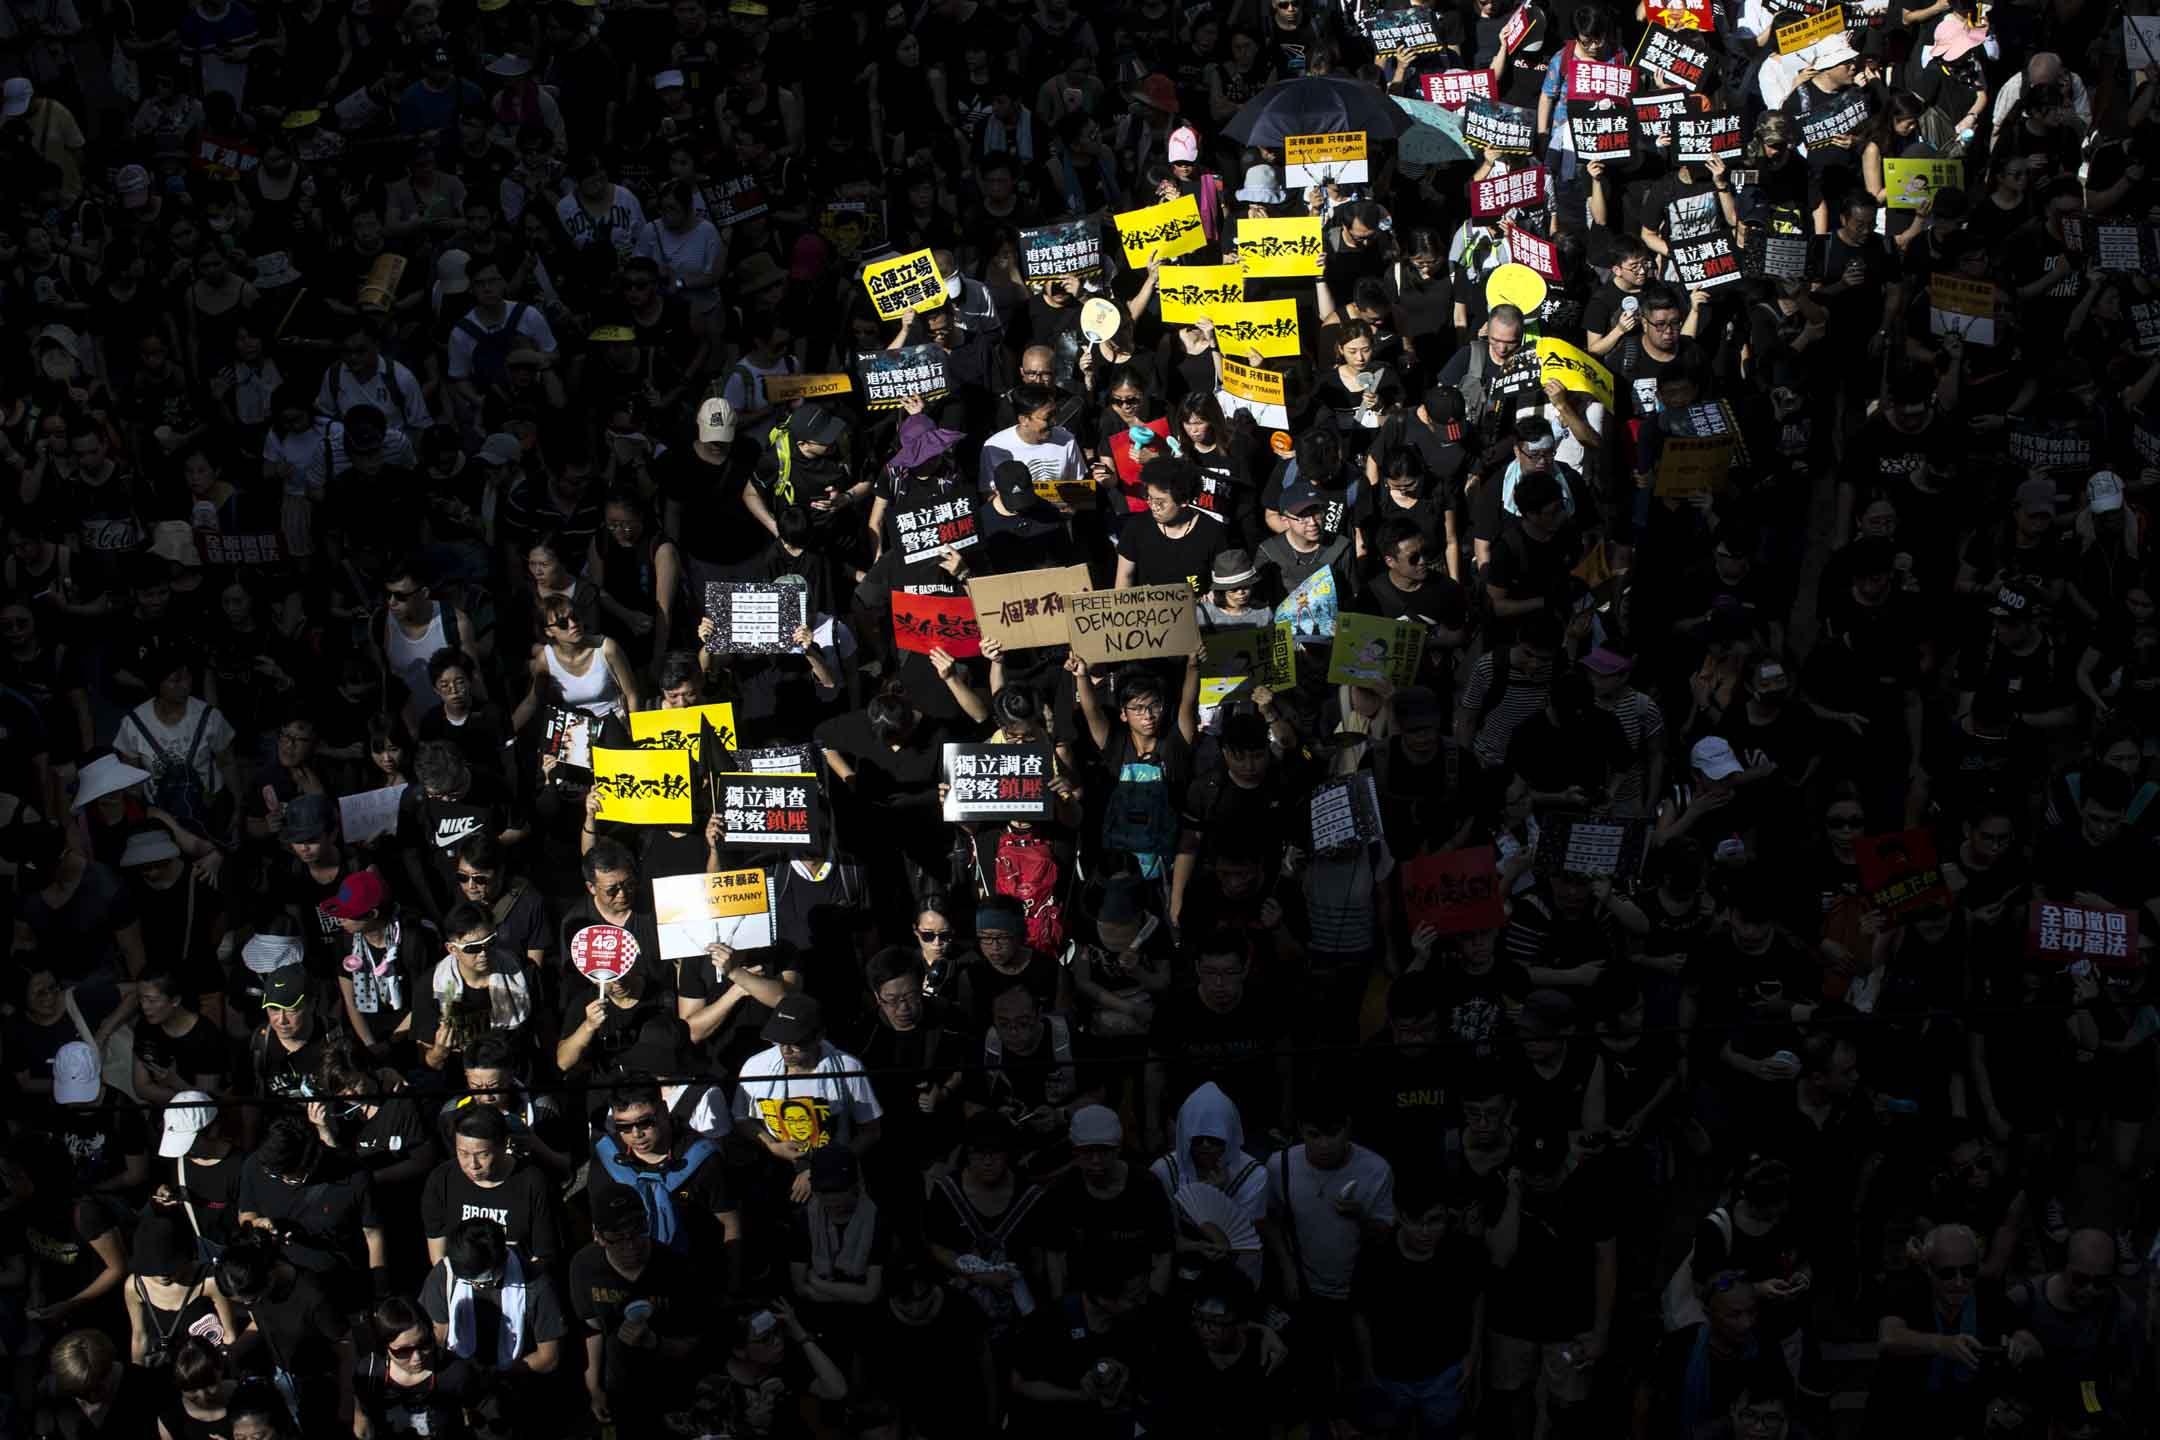 因為修訂《逃犯條例》引發的一波又一波抗爭,令香港進入前所為有的撕裂與衝突。港府的妥協,又一次證明從特區到北京,都還不敢冒引起更大流血的風險硬推遇到社會巨大阻力的法例。 攝:林振東/端傳媒